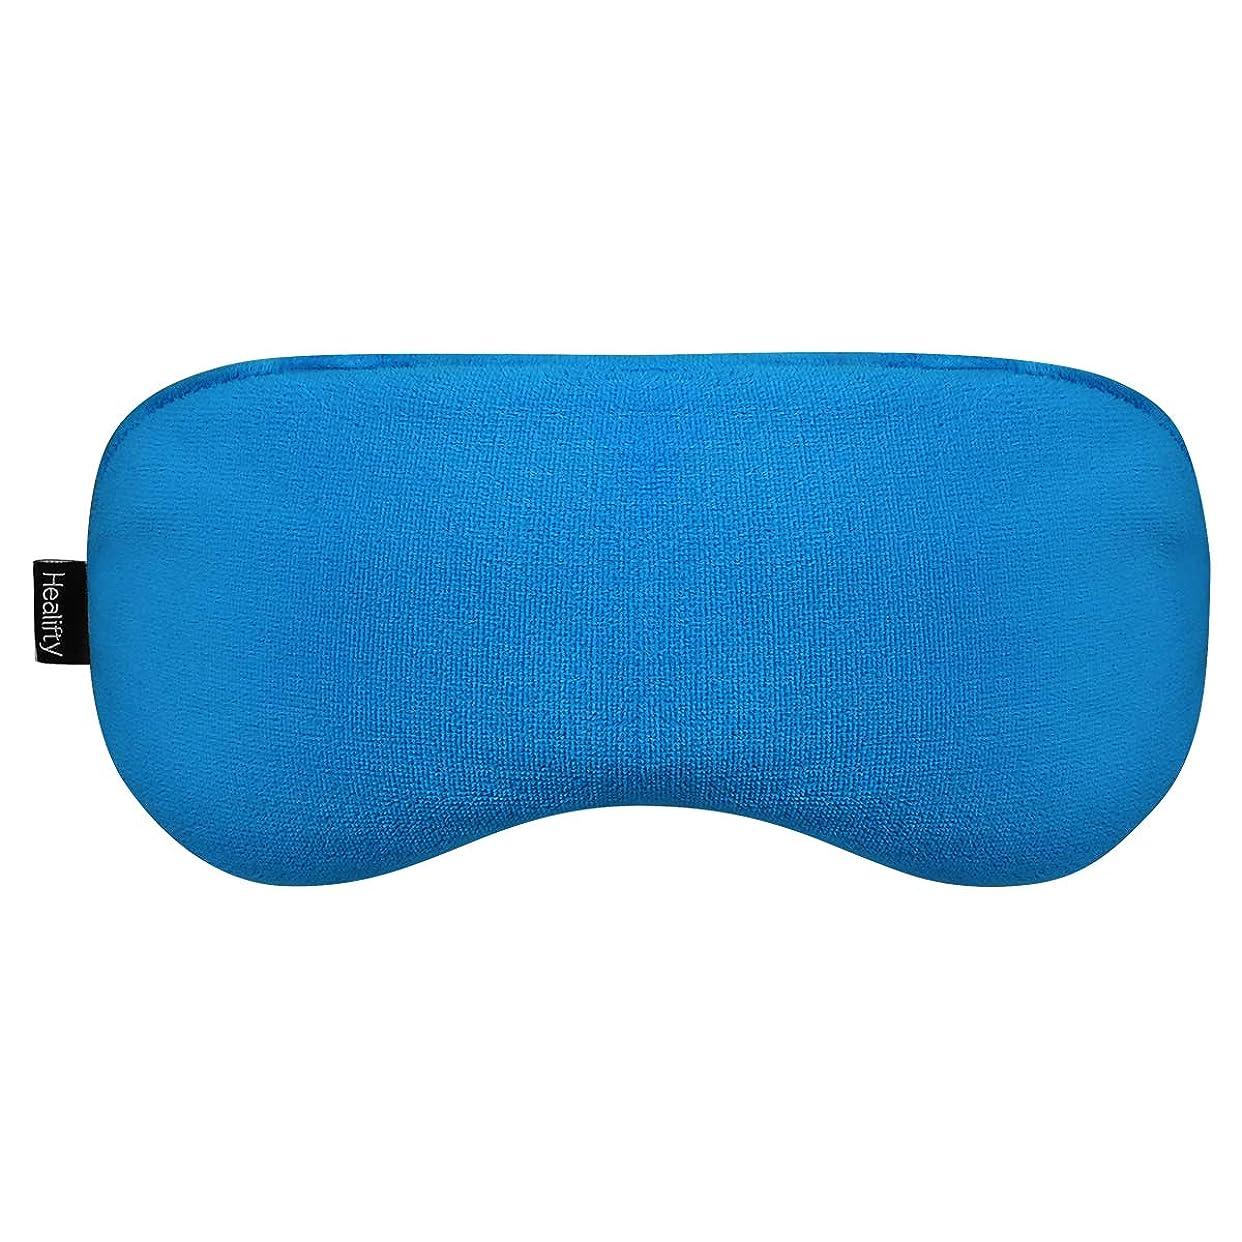 ダイバー移行するに関してHealifty 目の目隠し1ピース亜麻仁アイ圧縮暖かいアイセラピーマイクロ波ホットアイマスク付きベルベットカバー(ブルー)